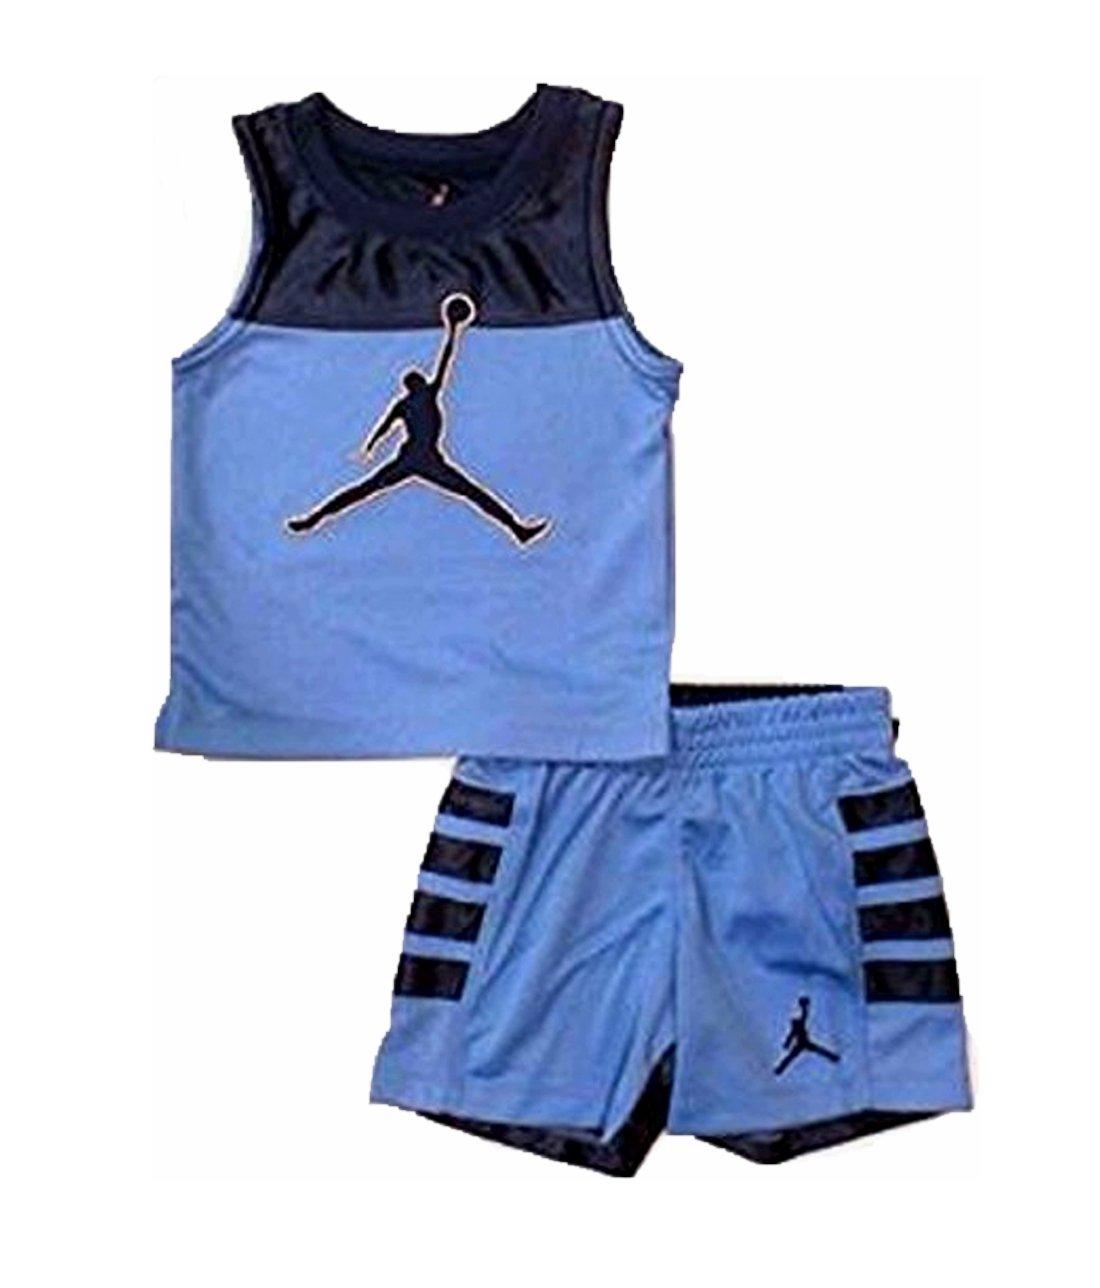 Jordan Little Boys' 2 Piece Tank Shorts Set Size 7